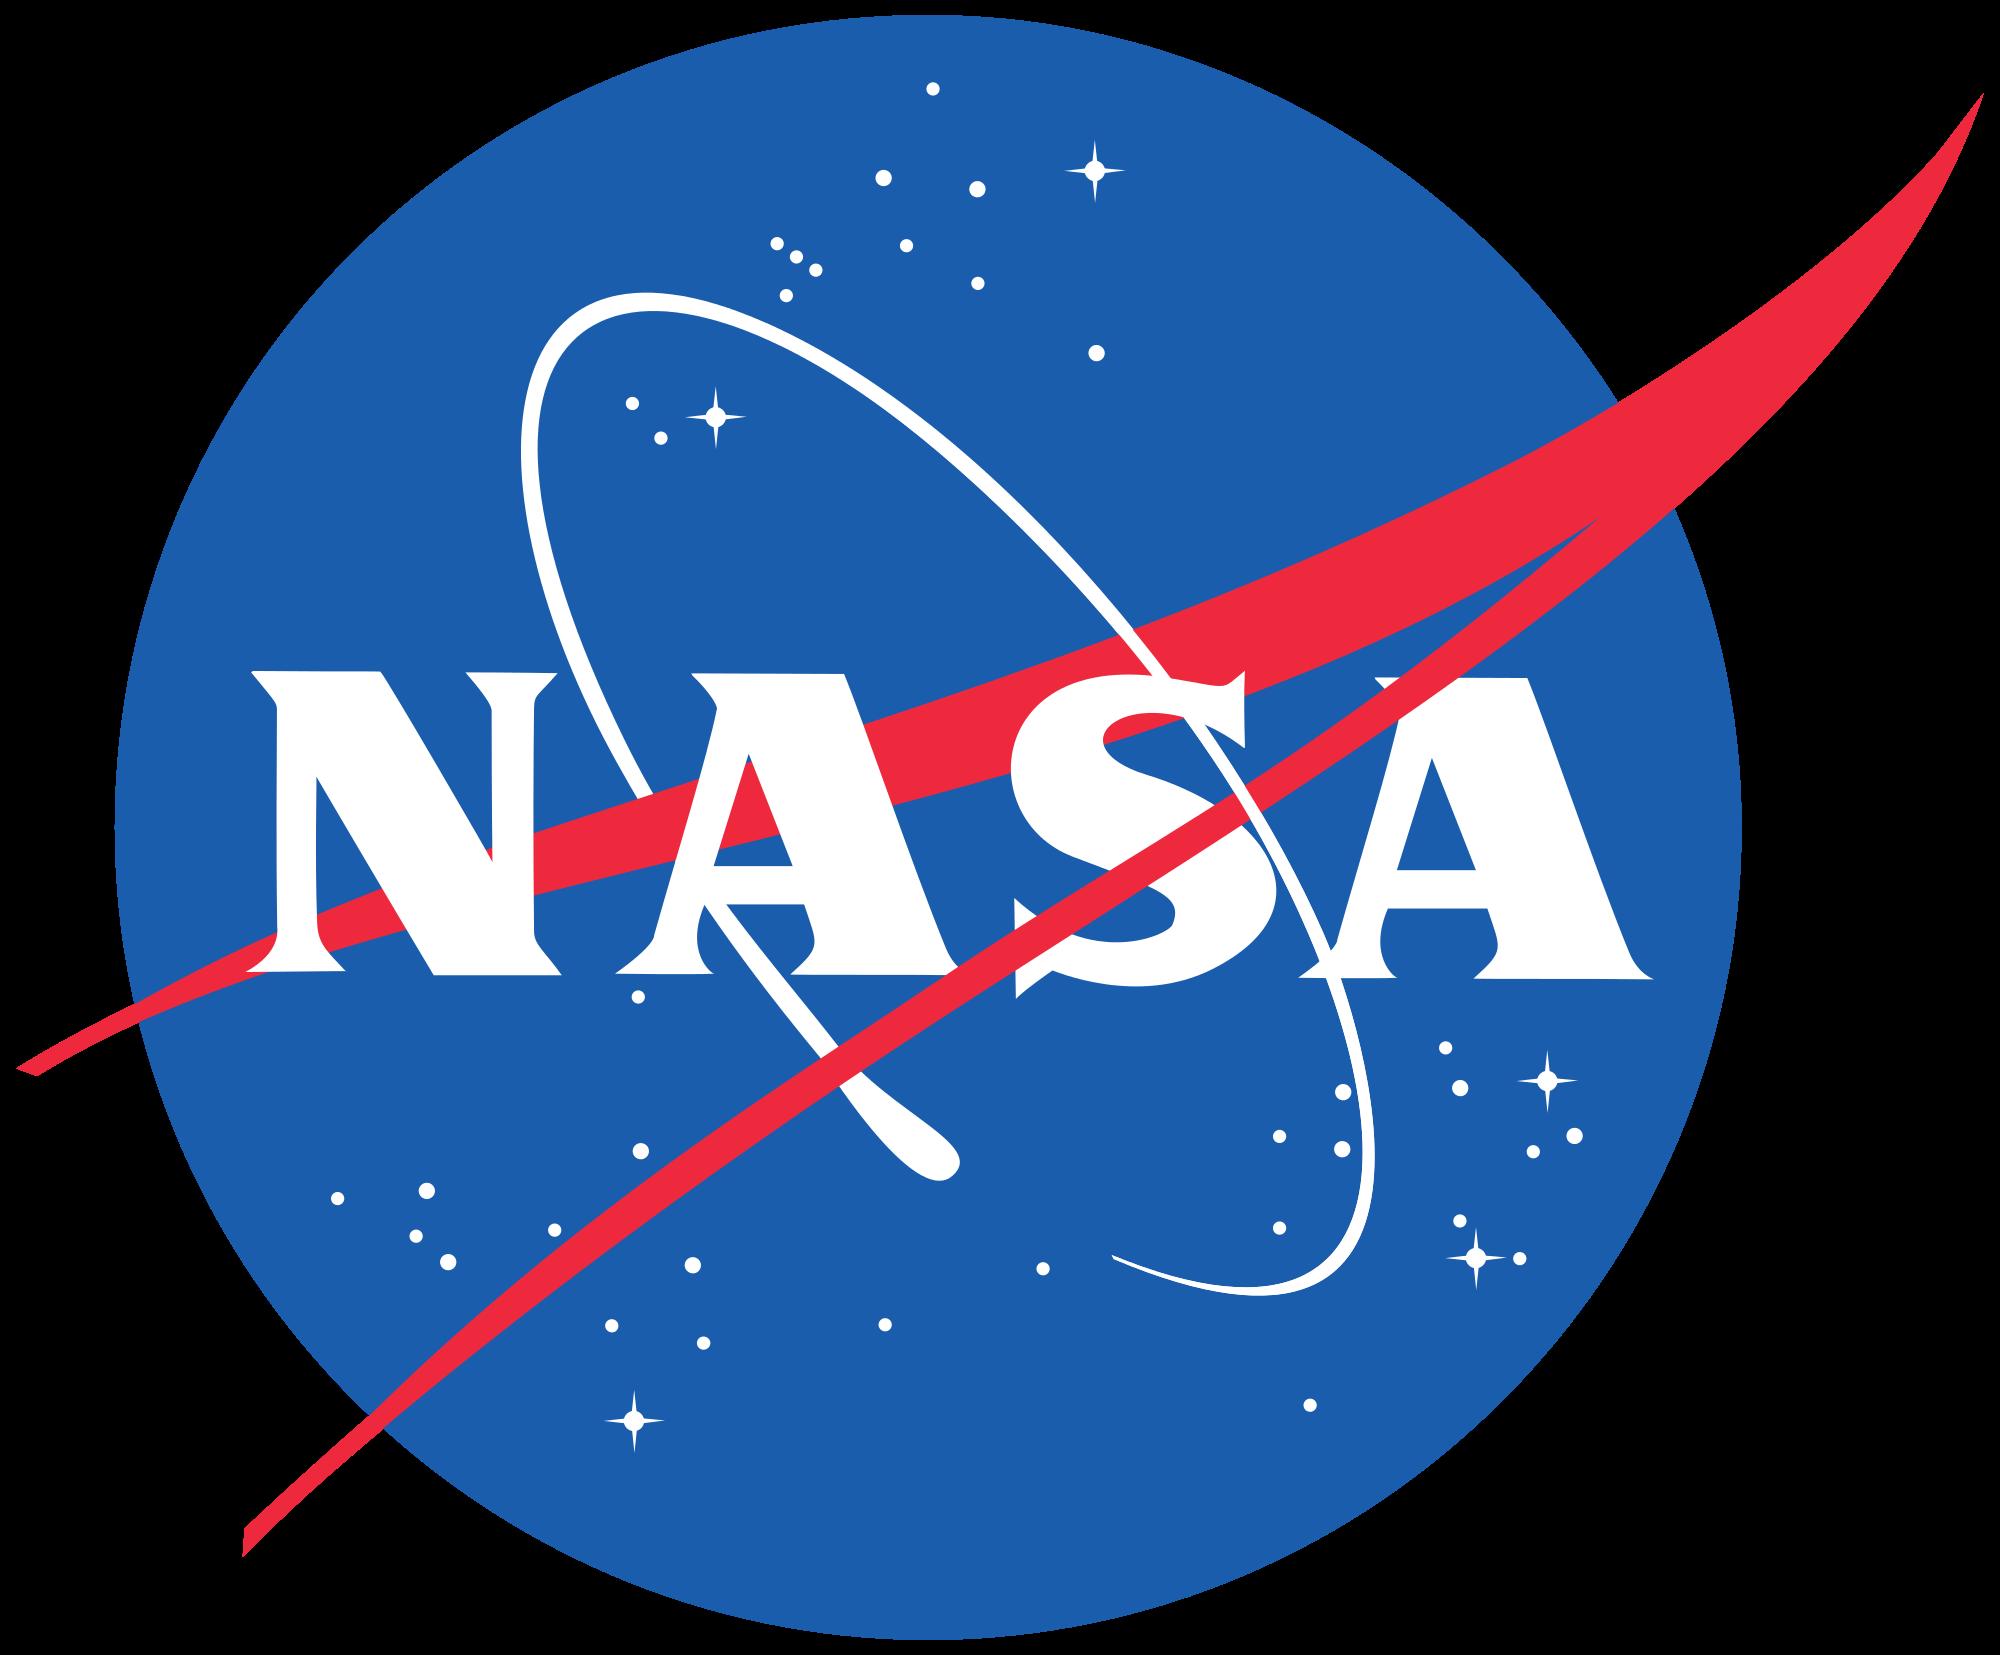 image logo nasa